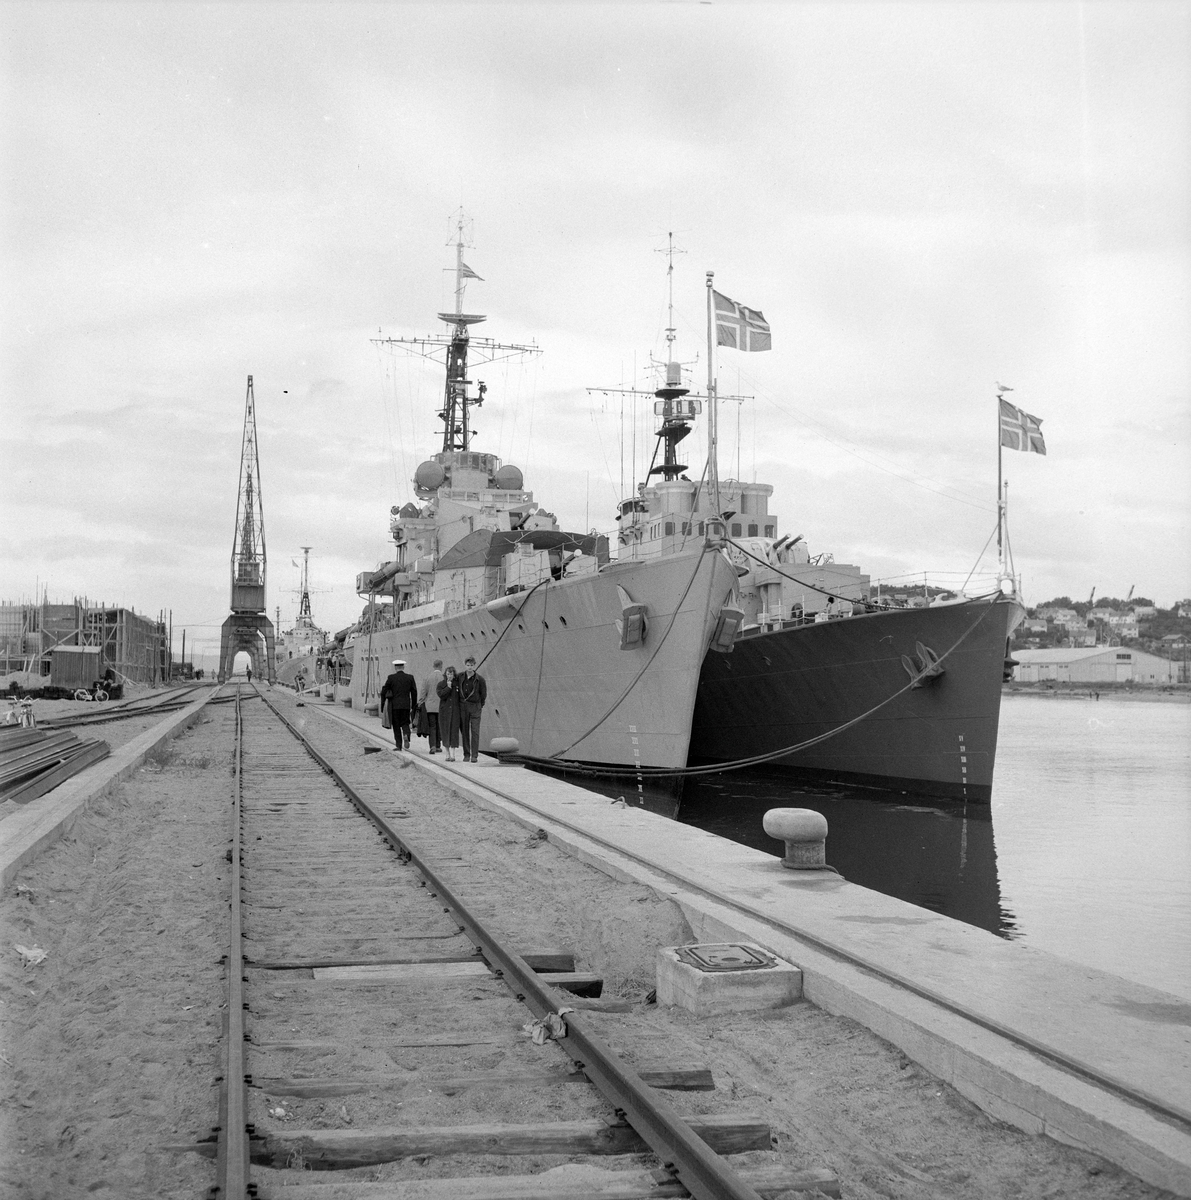 Krigsskip i byen